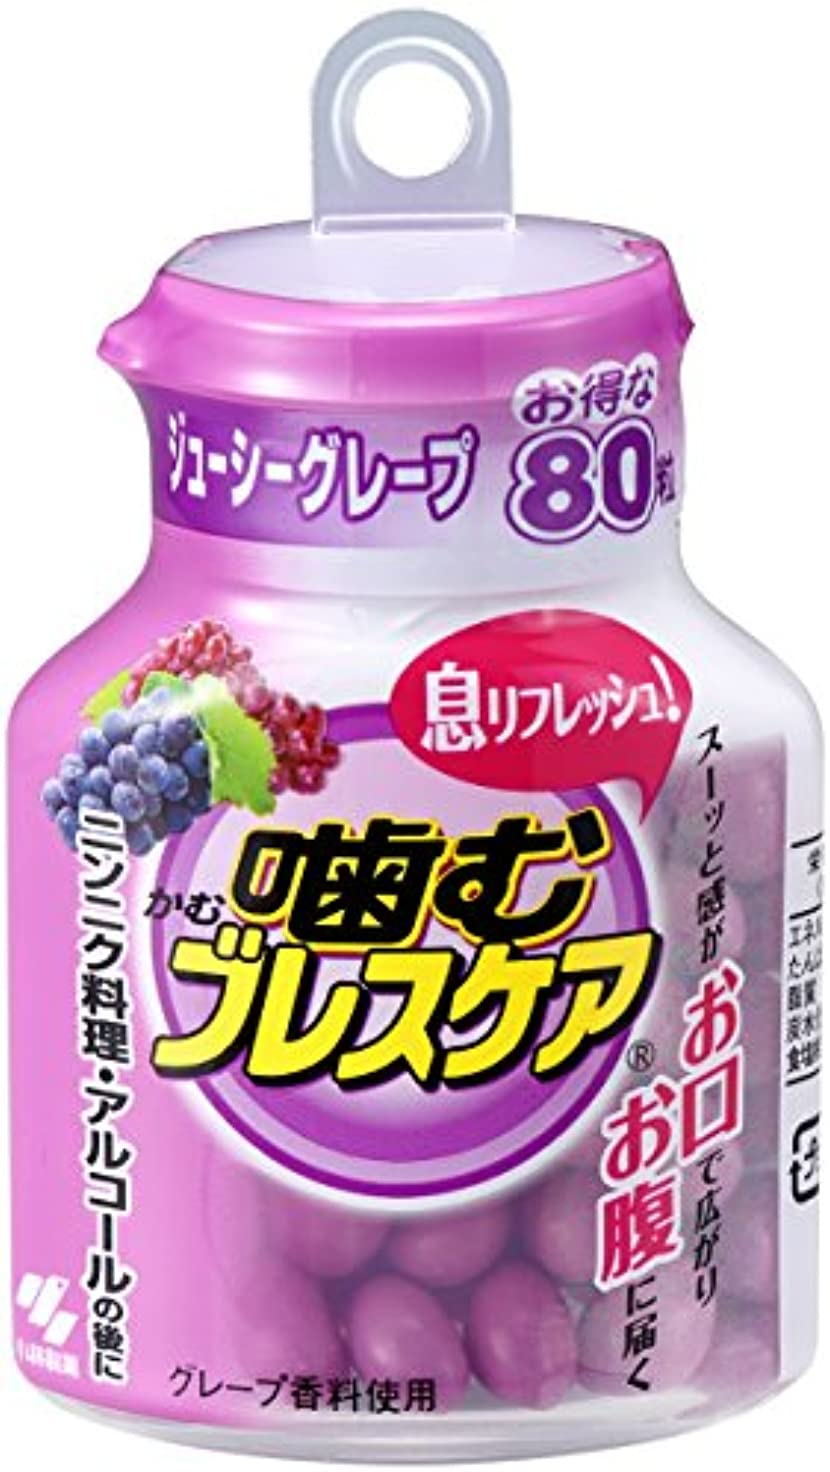 原子本質的に流暢噛むブレスケア 息リフレッシュグミ ジューシーグレープ ボトルタイプ お得な80粒